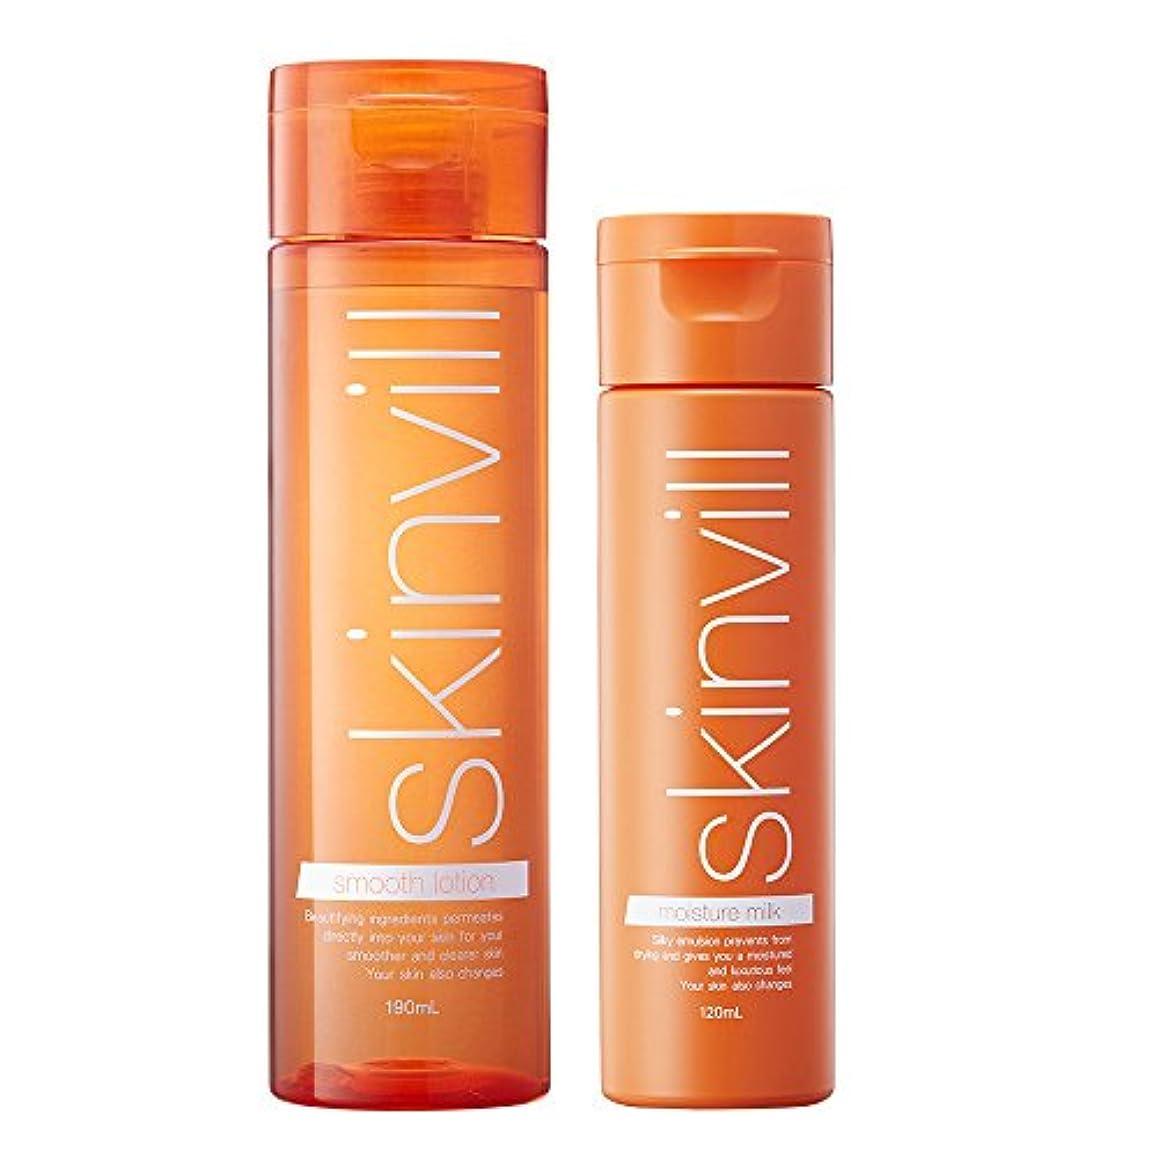 離れた岩壊す【セット】 skinvill スキンビル スムースローション 化粧水 190ml & モイスチャーミルク 乳液 120ml